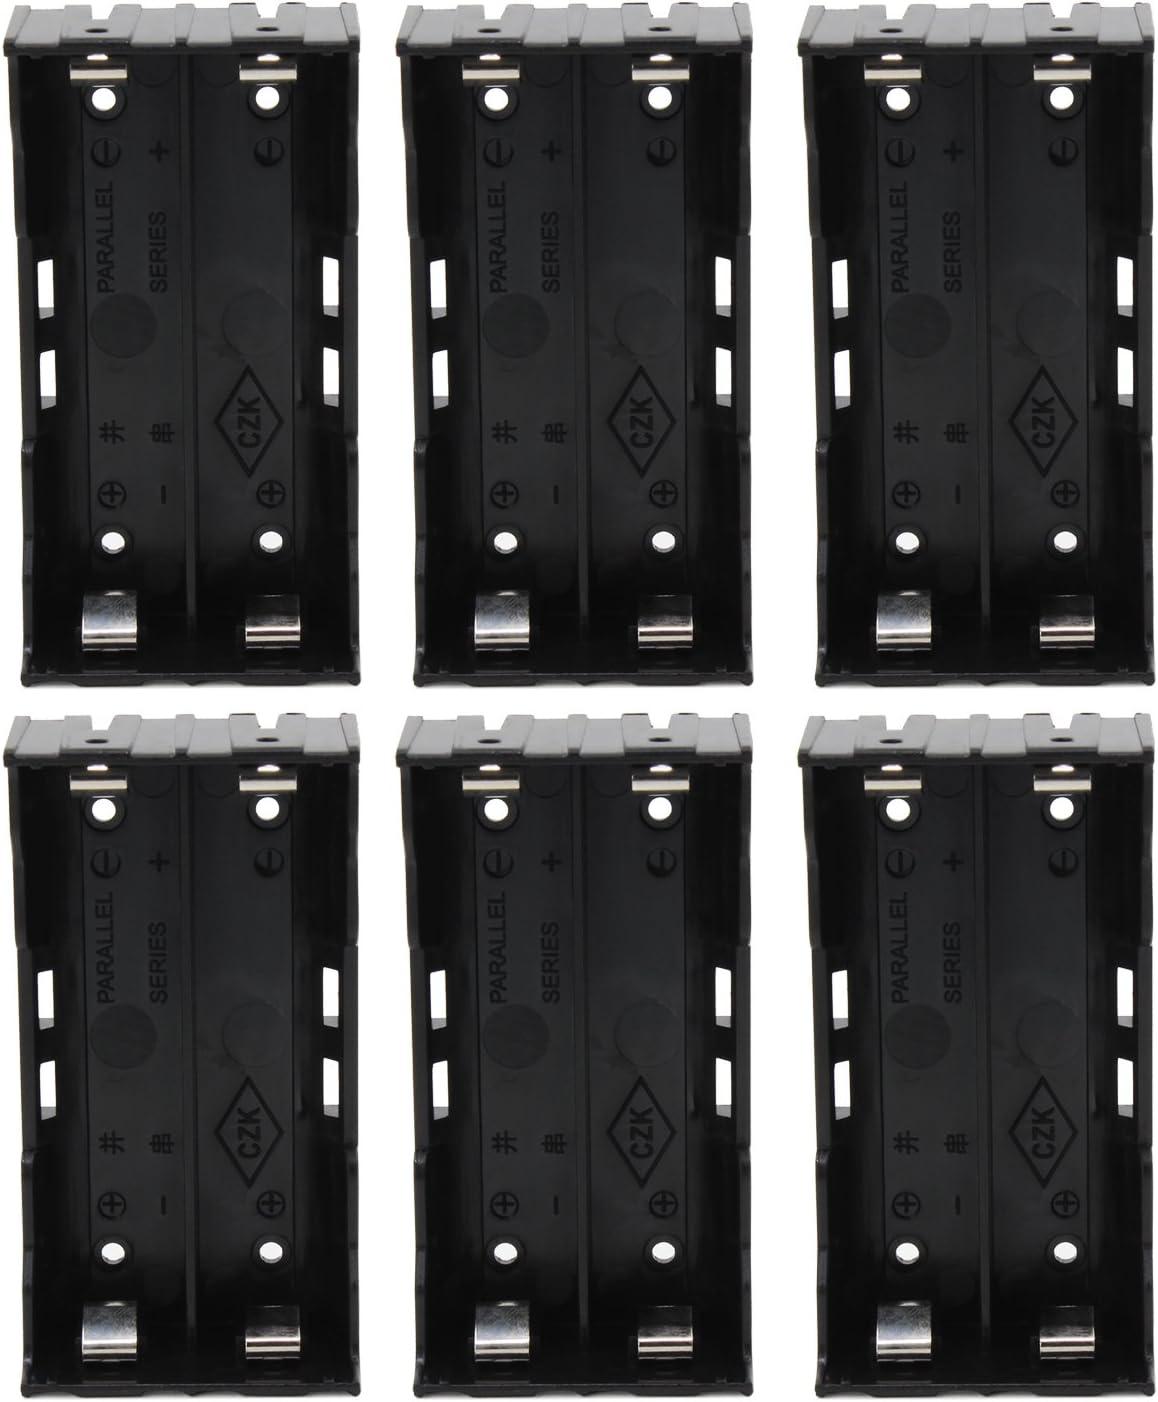 KEESIN 3.7V 18650 Batería Poseedor Caso El plastico Tapa de la batería Caja de almacenamiento con pin(2 Solts × 6 Piezas)